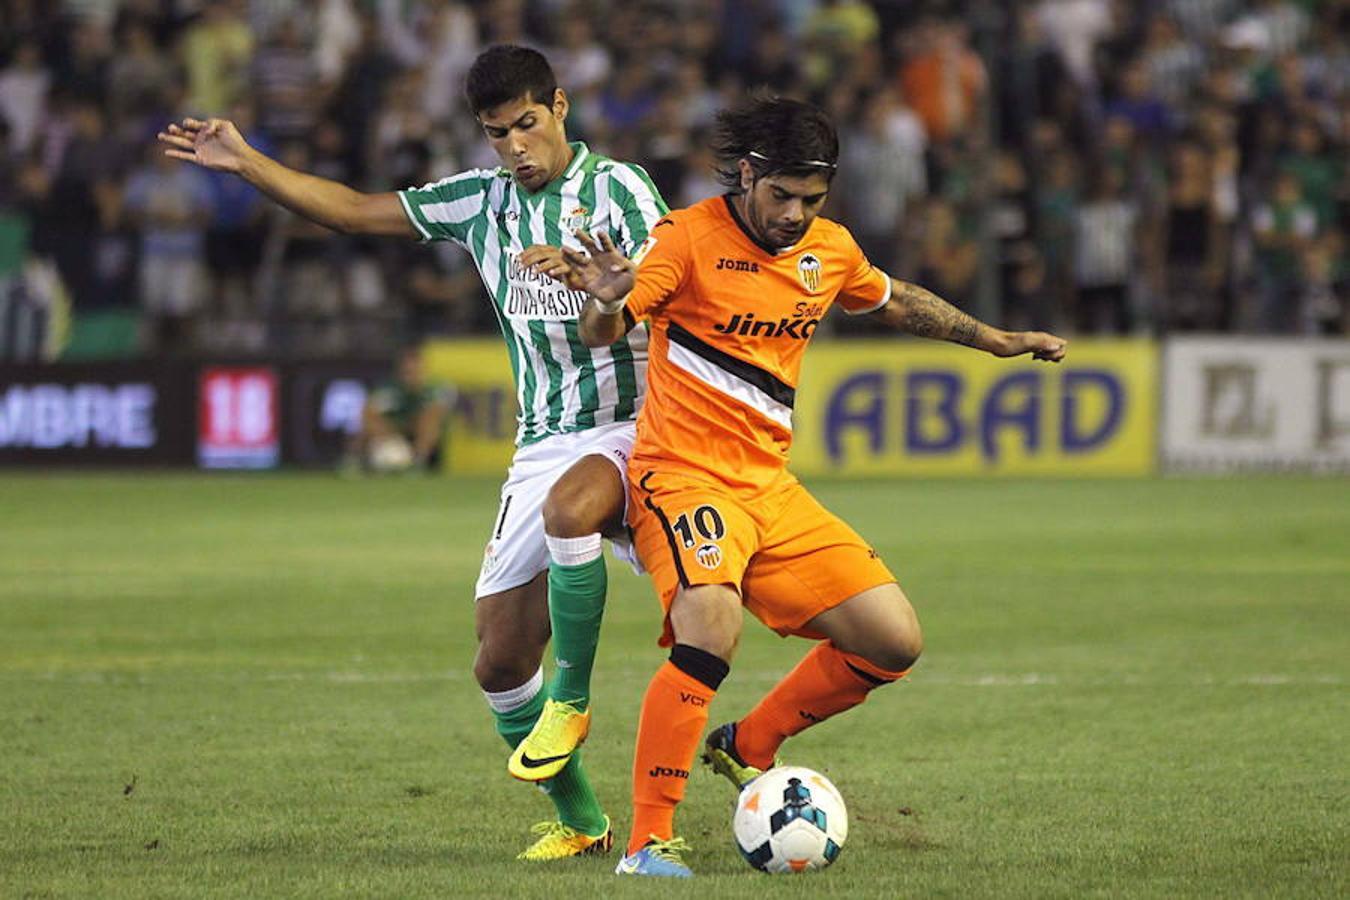 15.09.2013: Real Betis 3 - 1 Valencia CF